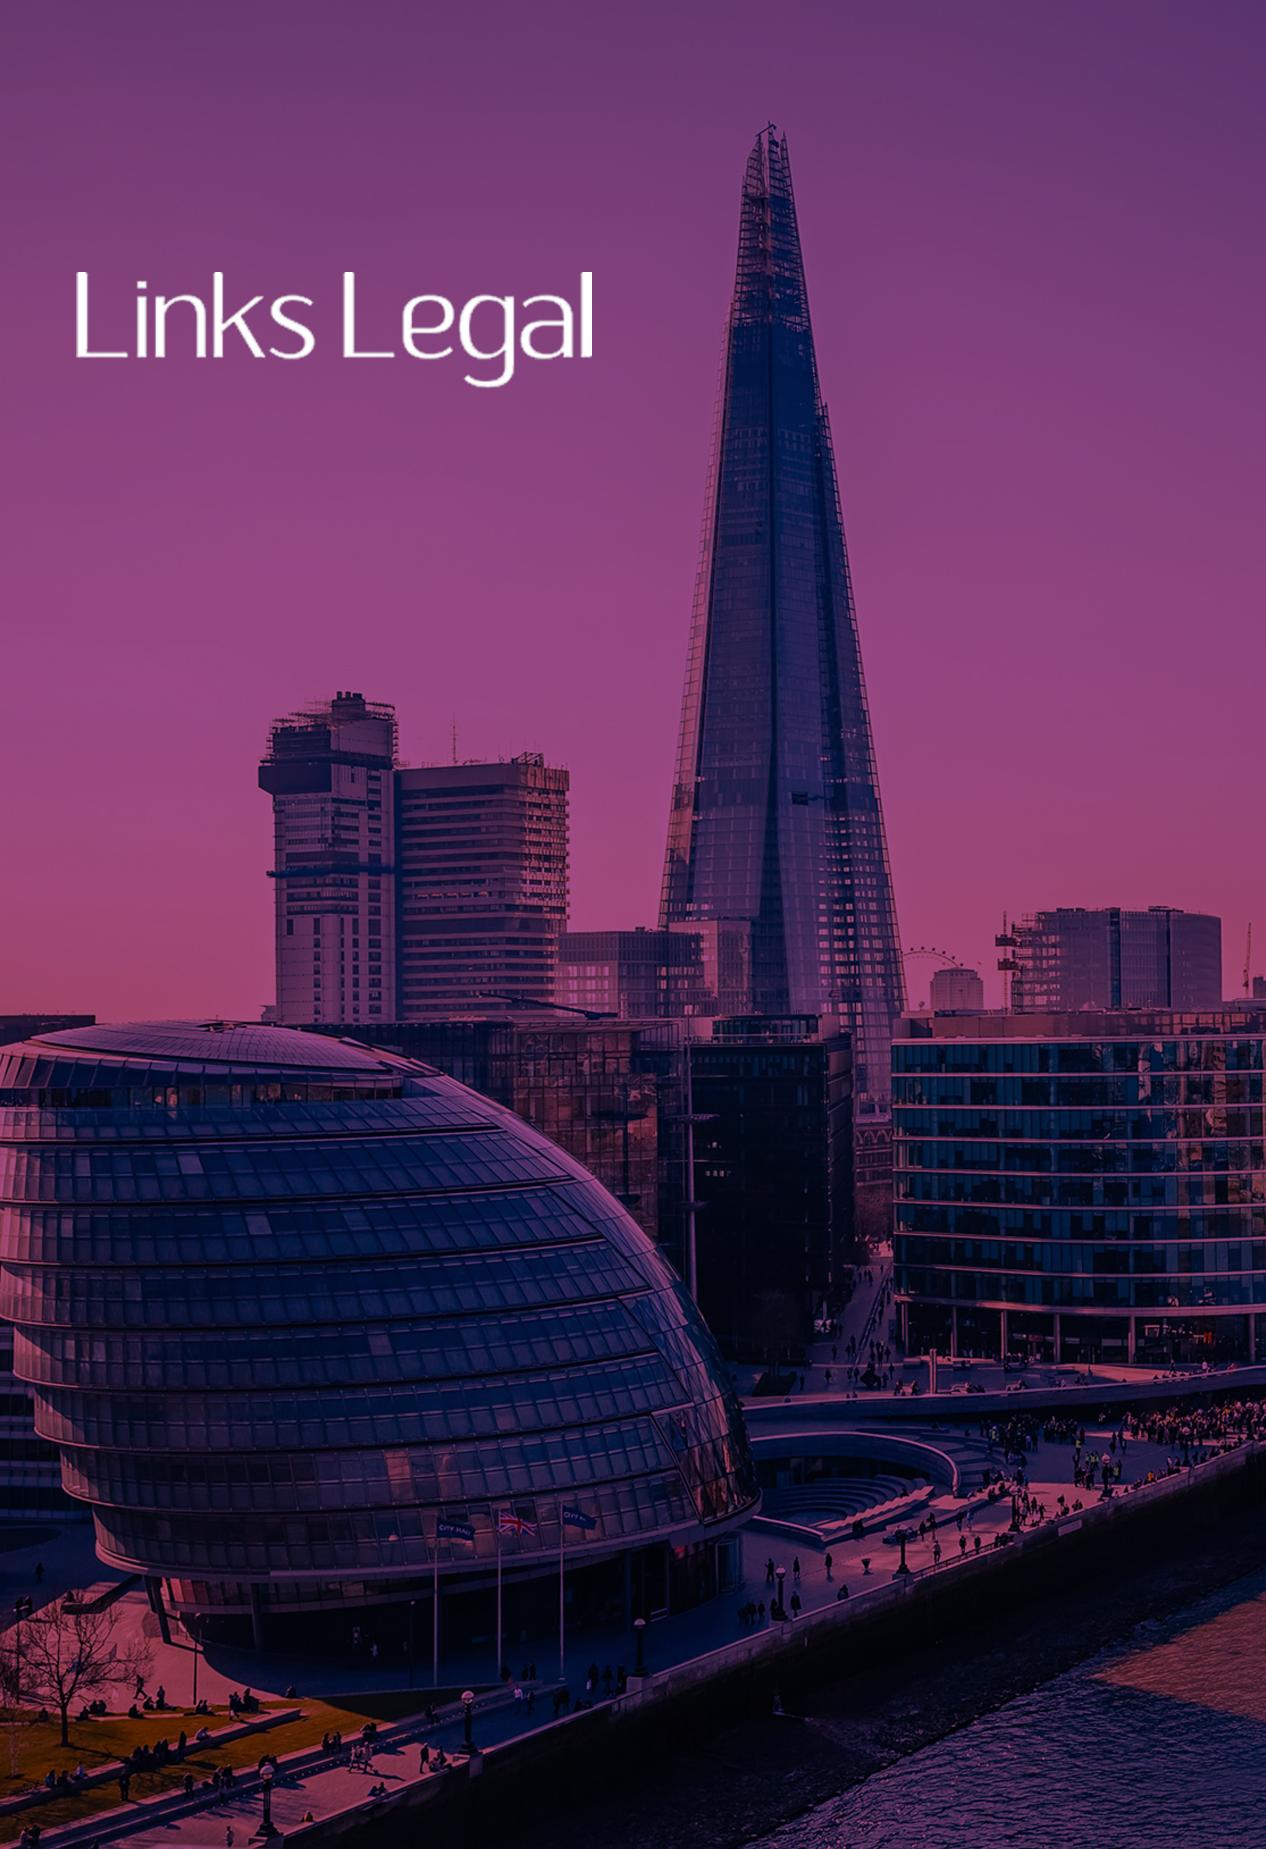 Links Legal Website